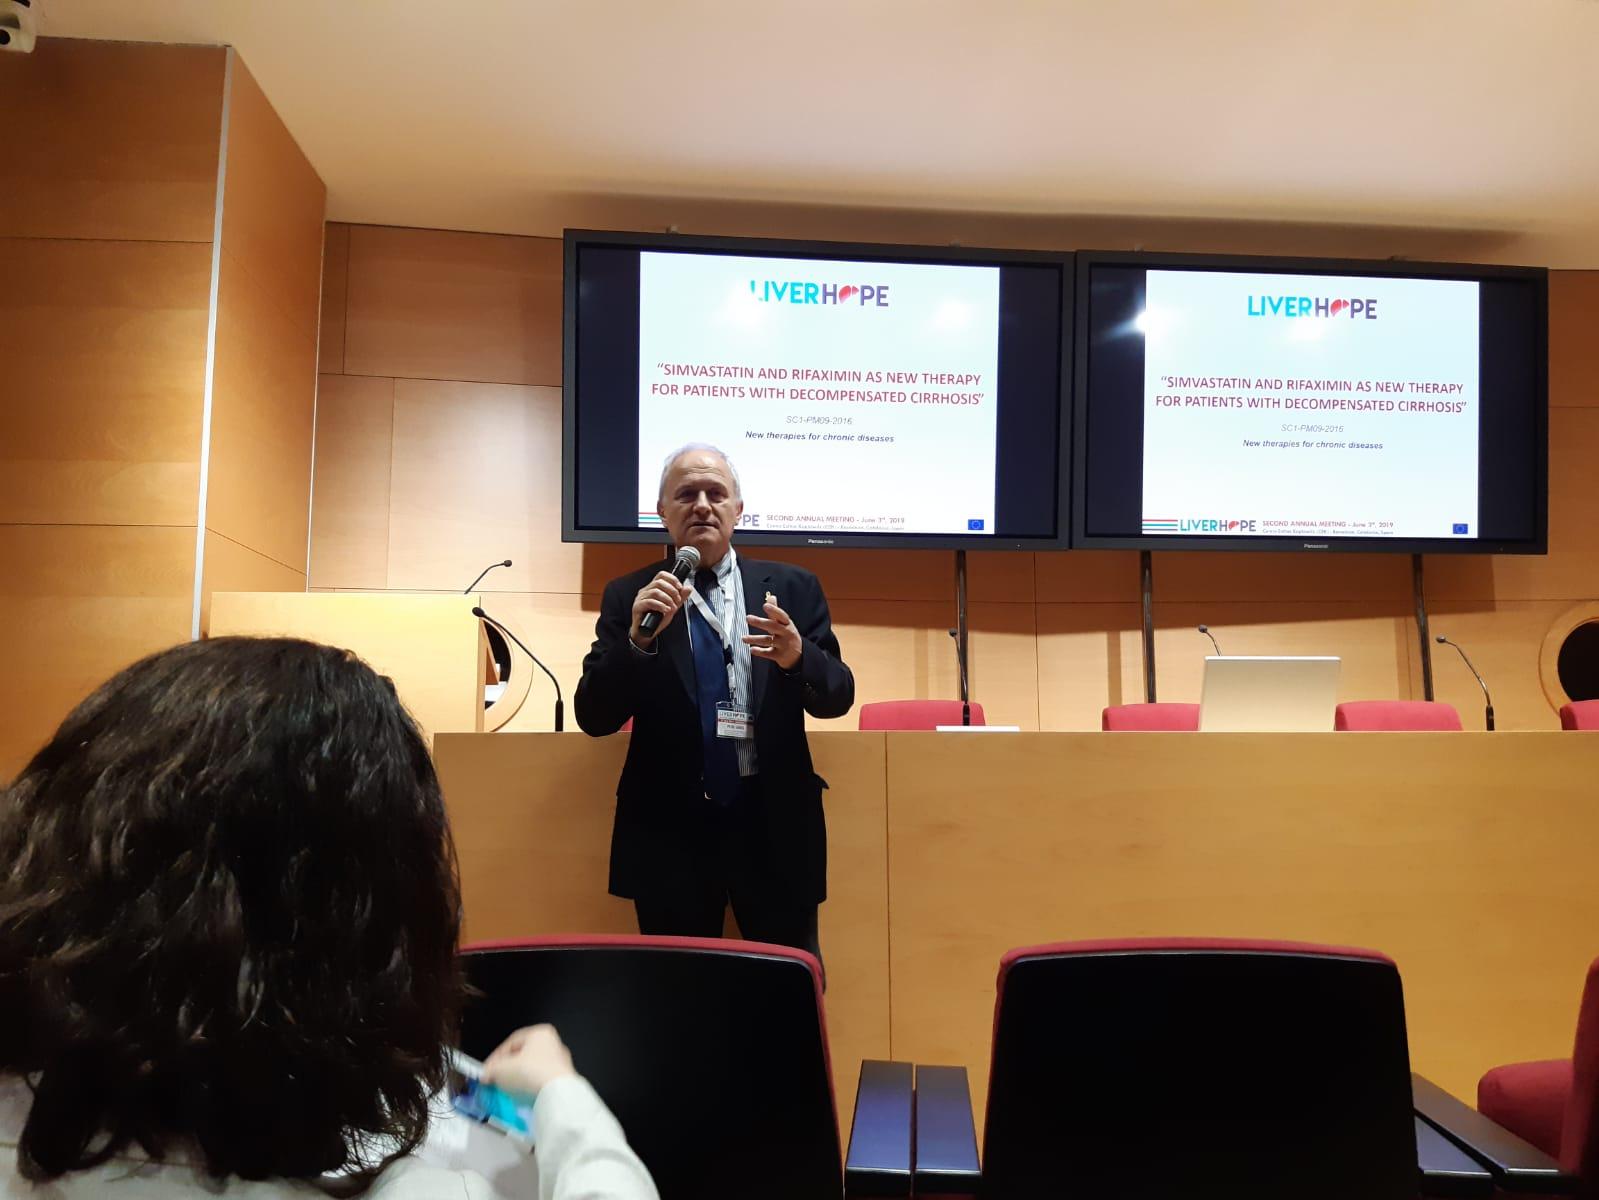 Crónica de la asistencia en representación de ASSCAT y ELPA a la reunión de investigadores del proyecto europeo LIVERHope el 3 de junio en Barcelona